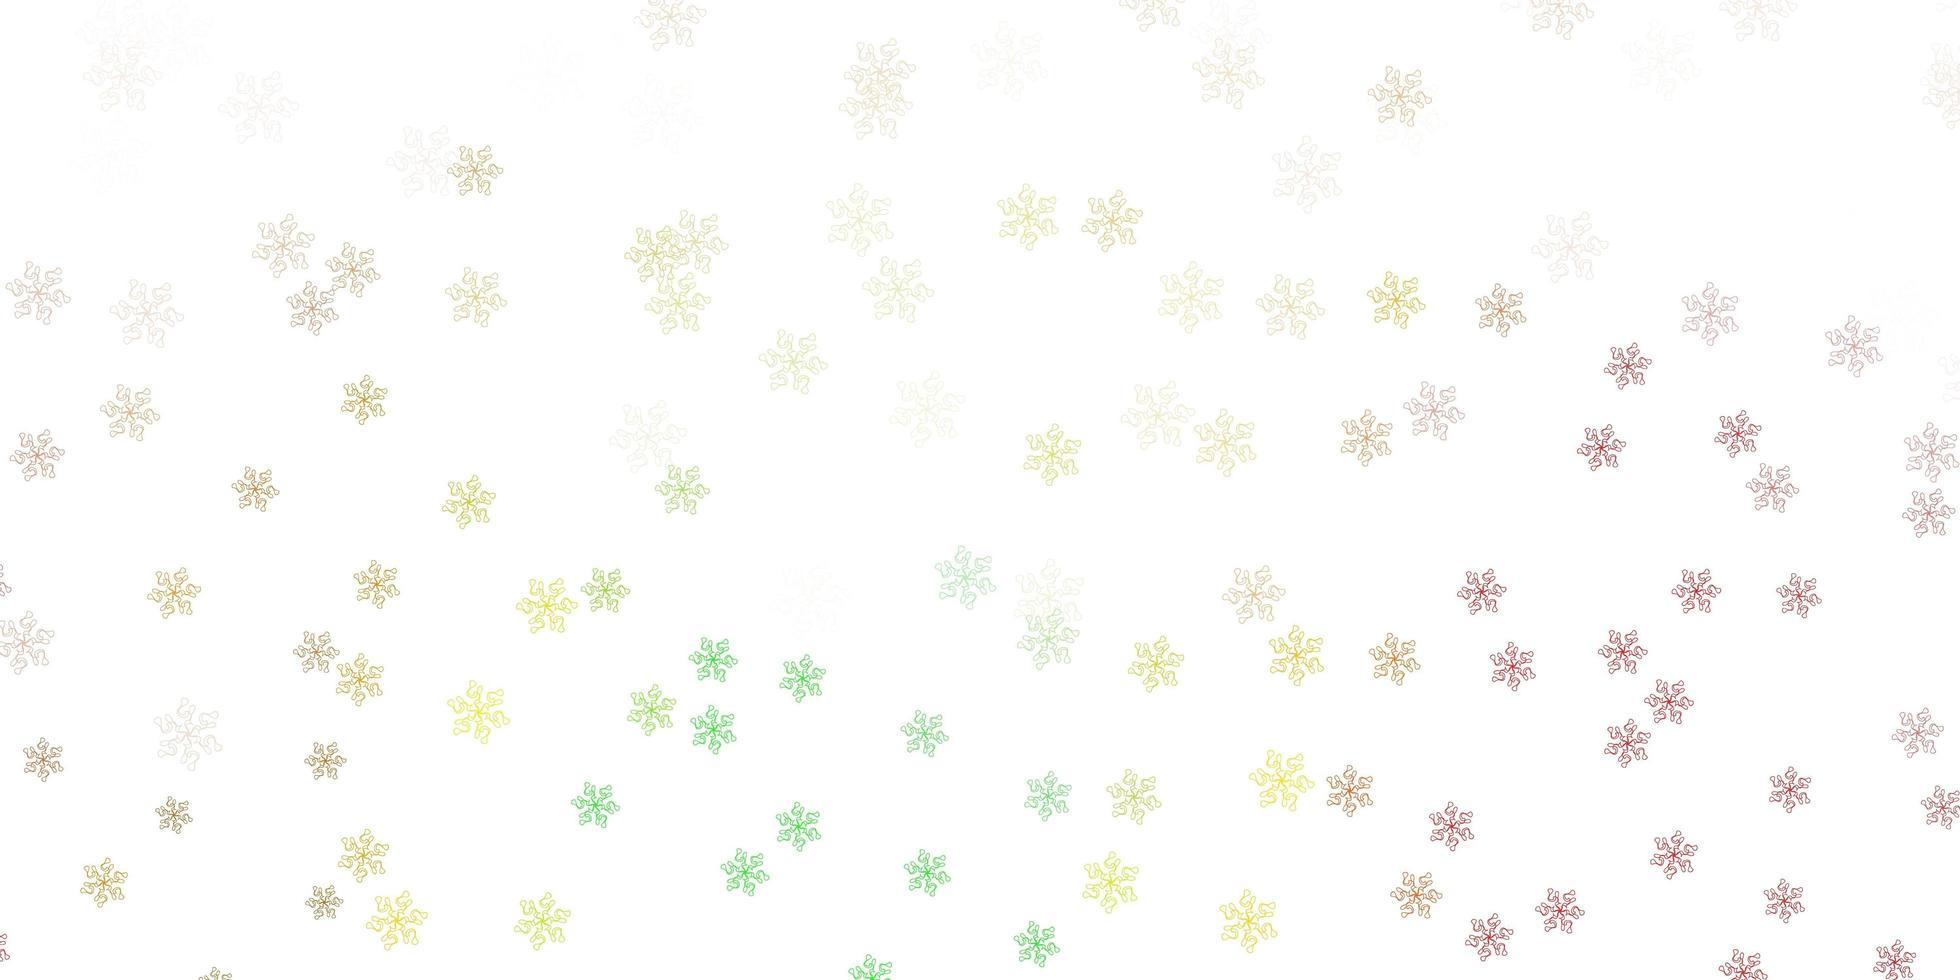 textura de doodle de vector verde claro, rojo con flores.